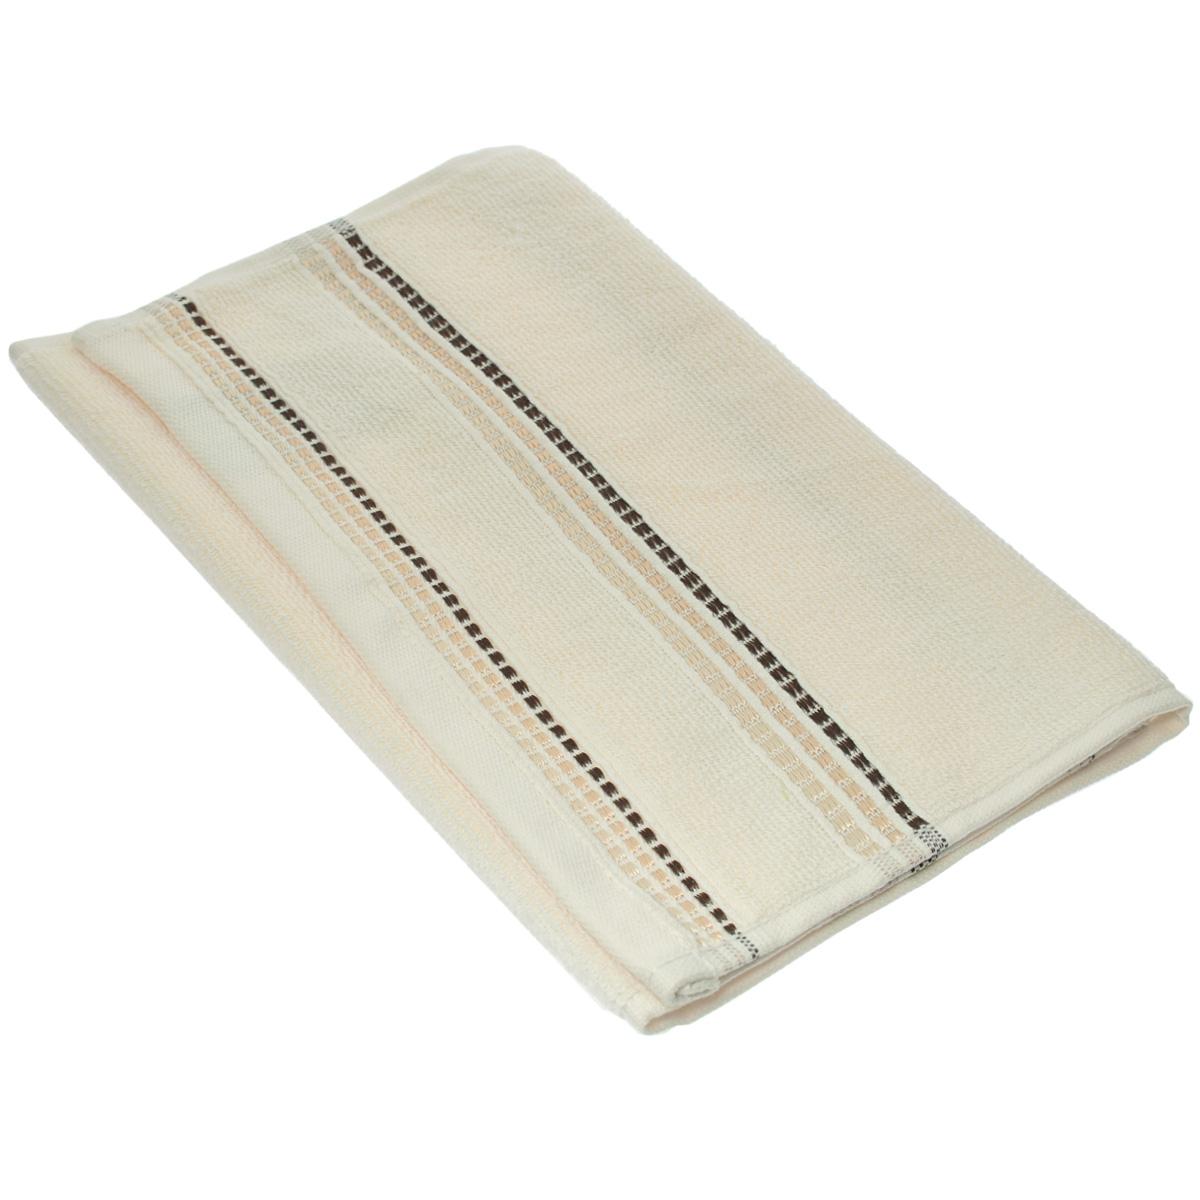 Полотенце махровое Coronet Пиано, цвет: молочный, 30 см х 50 смБ-МП-2020-08-08Махровое полотенце Coronet Пиано, изготовленное из натурального хлопка, подарит массу положительных эмоций и приятных ощущений. Полотенце отличается нежностью и мягкостью материала, утонченным дизайном и превосходным качеством. Оно прекрасно впитывает влагу, быстро сохнет и не теряет своих свойств после многократных стирок. Махровое полотенце Coronet Пиано станет достойным выбором для вас и приятным подарком для ваших близких. Мягкость и высокое качество материала, из которого изготовлены полотенца не оставит вас равнодушными.